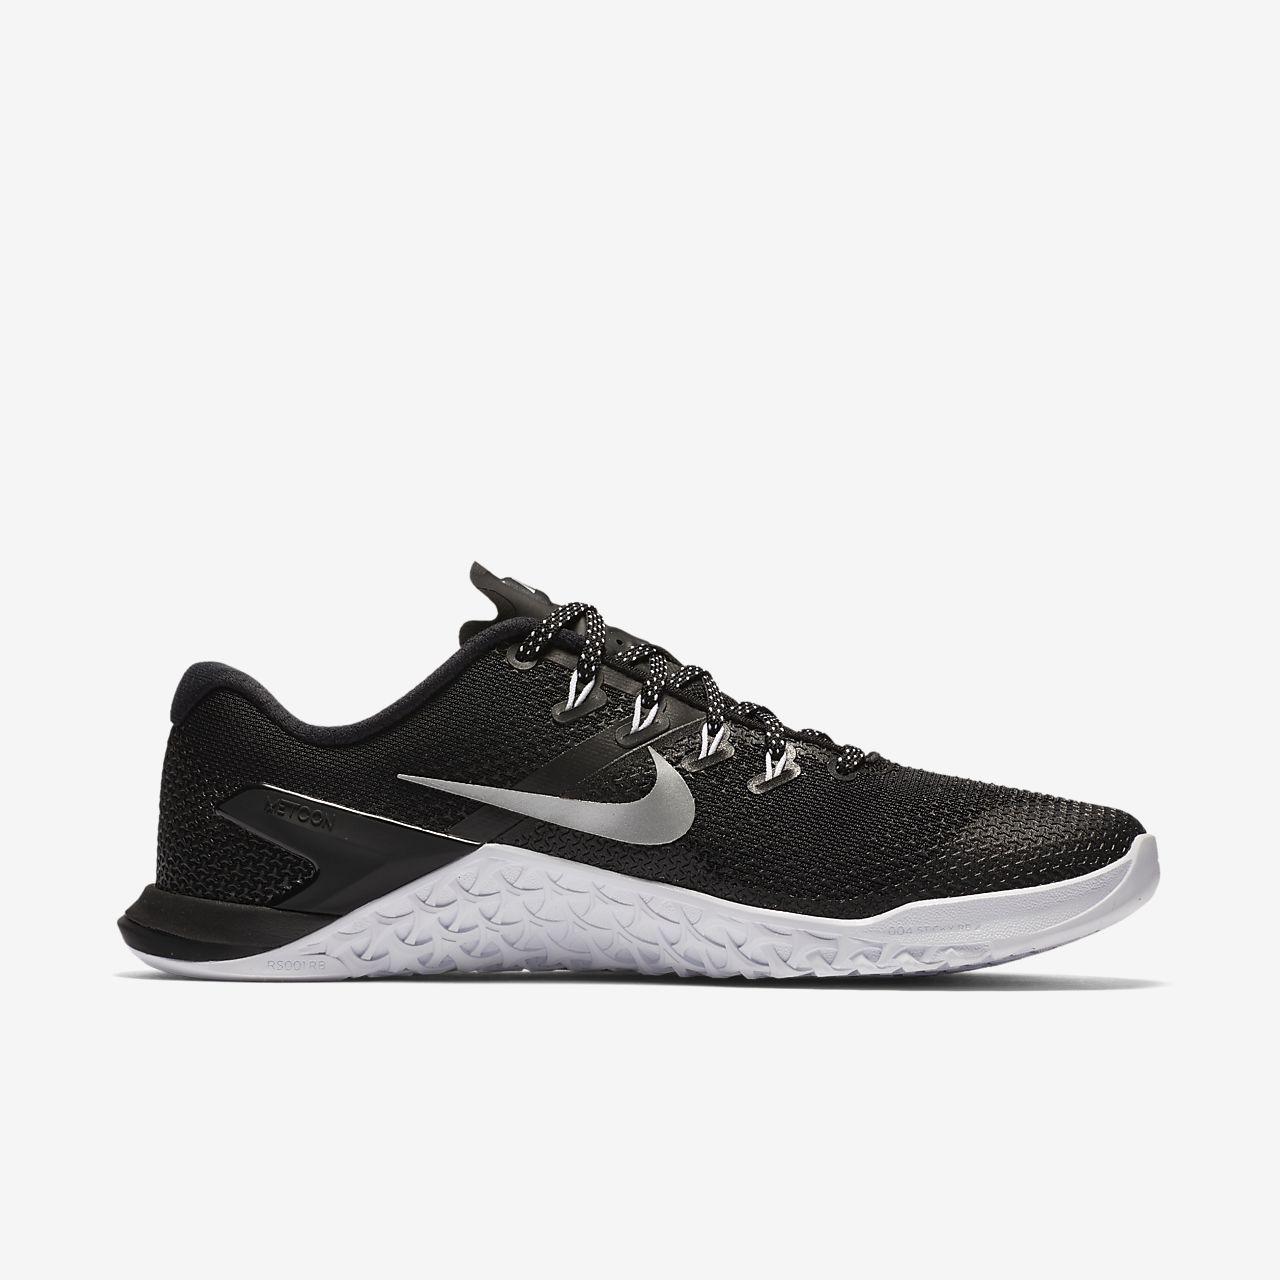 finest selection 46013 be9a8 Chaussure de cross-training et de renforcement musculaire Nike ...